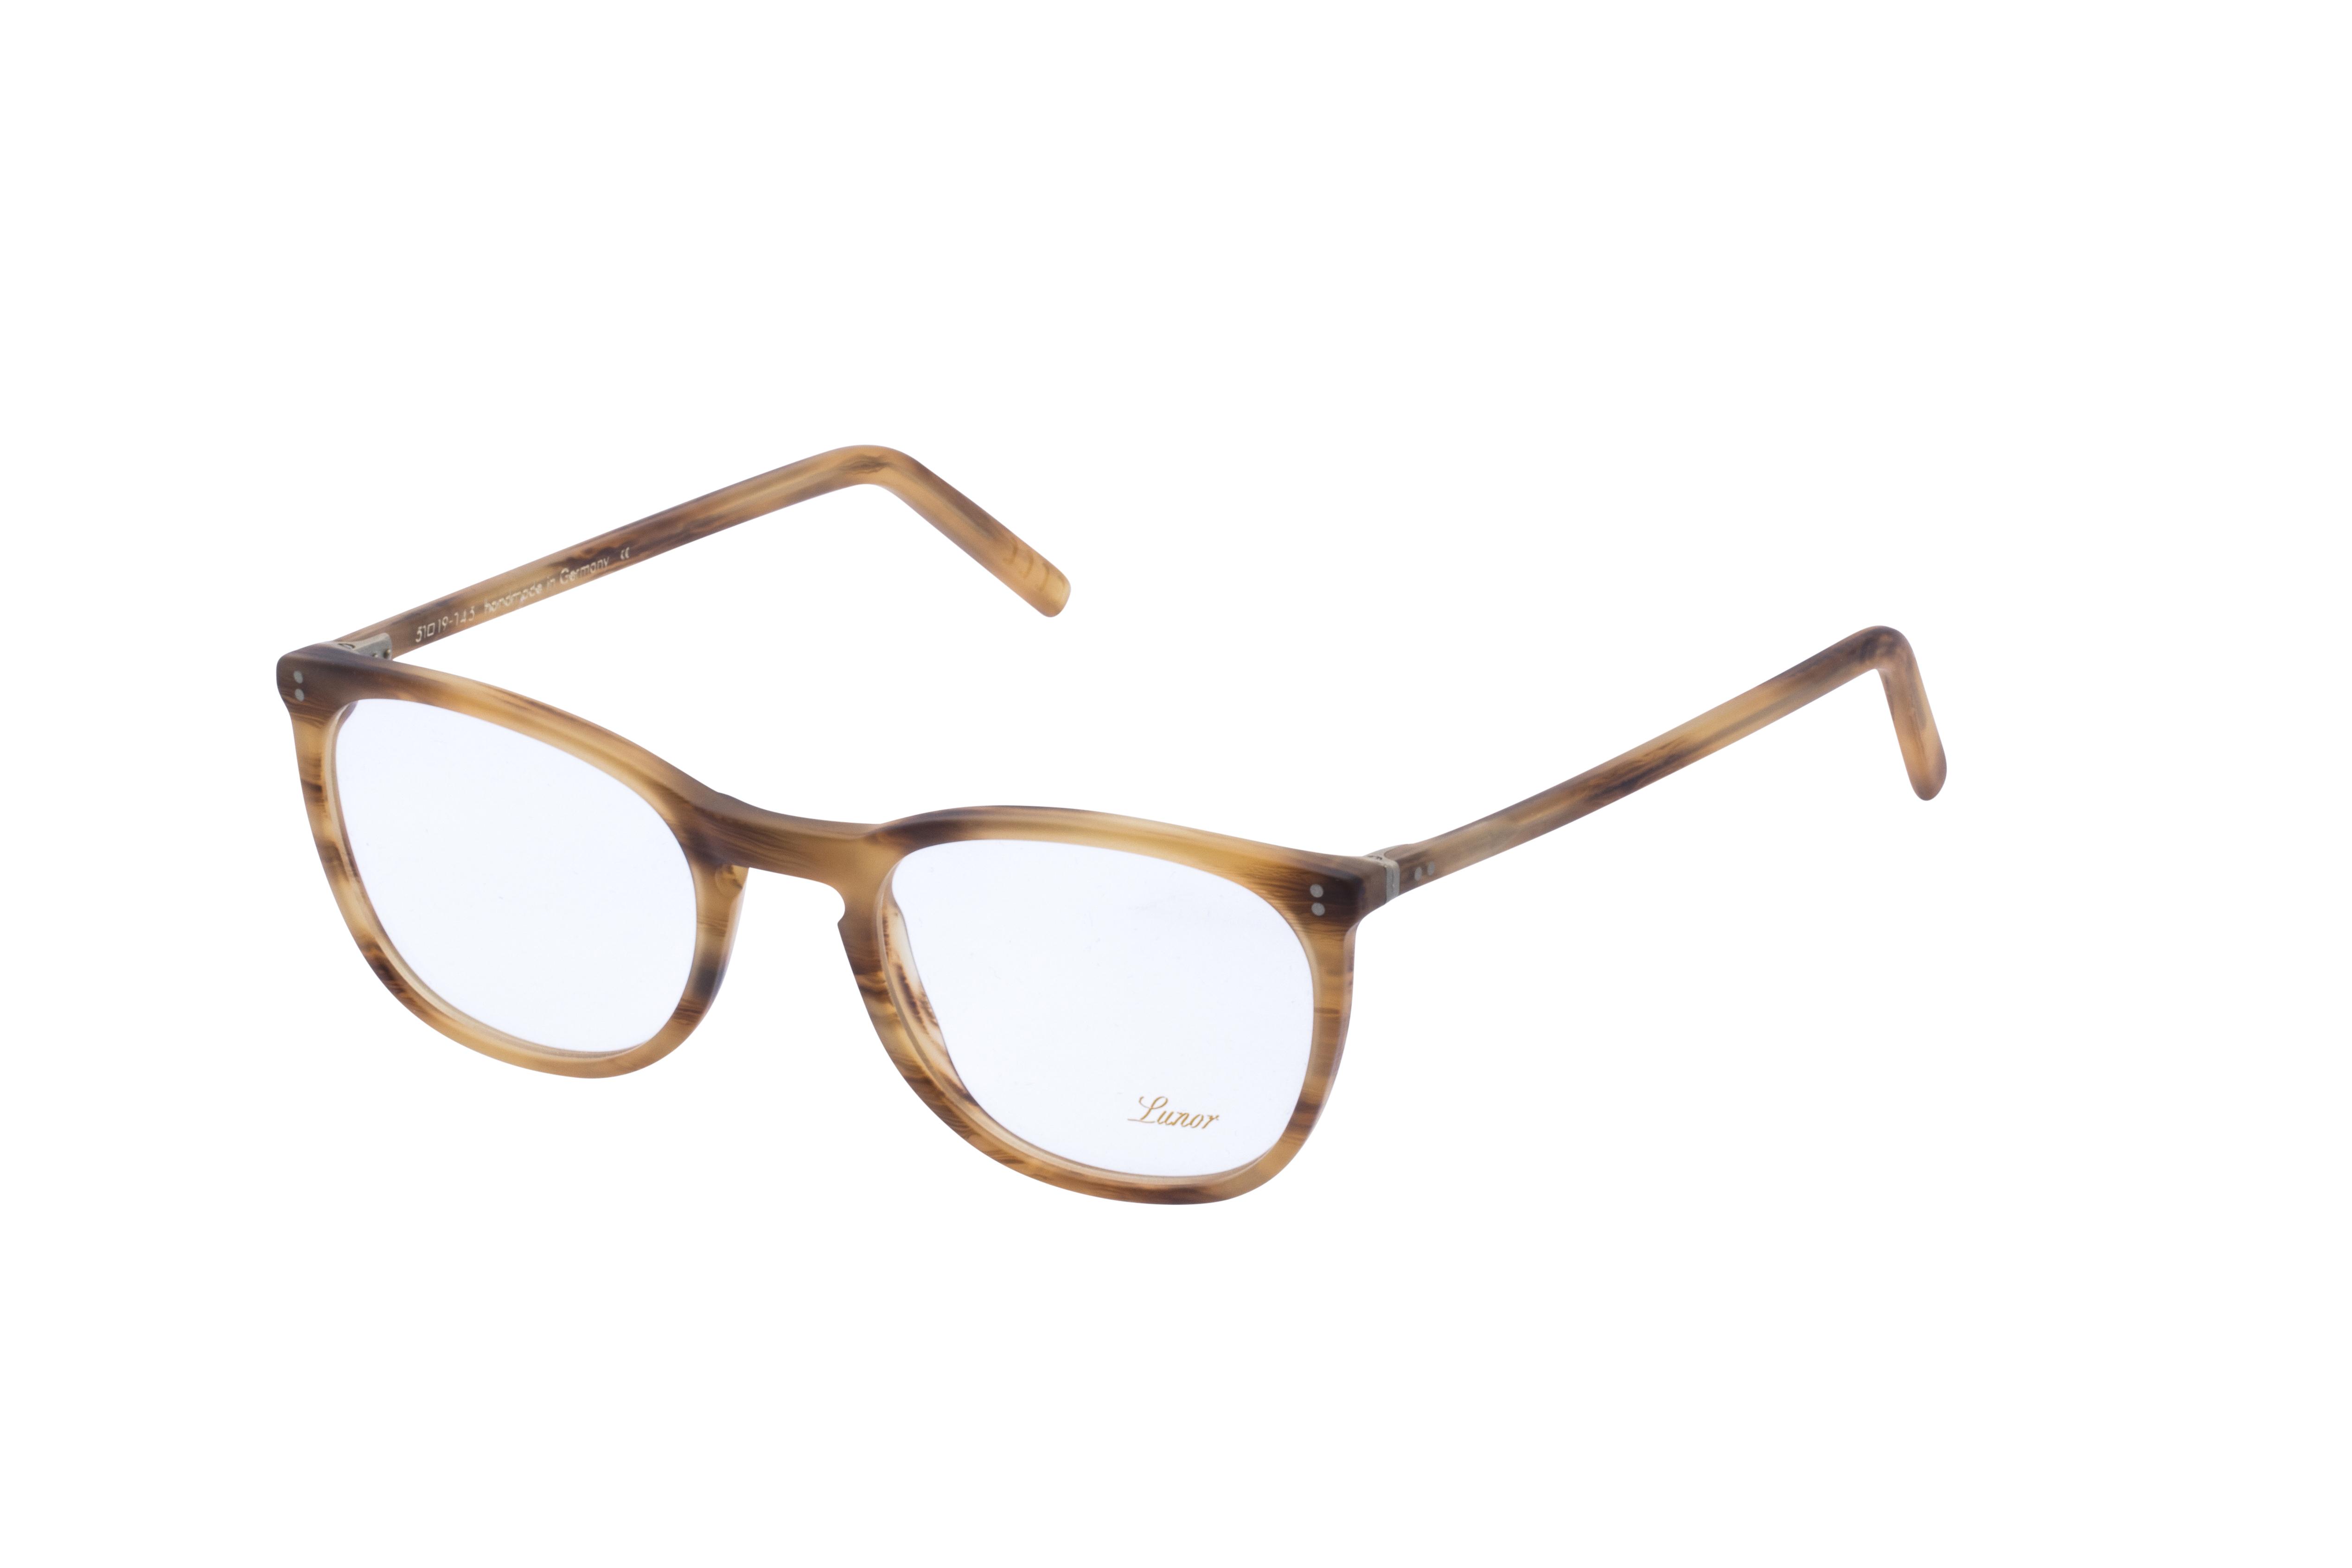 360 Grad Ansicht 22 Lunor 312, Brille auf Weiß - Fassung bei KUNK